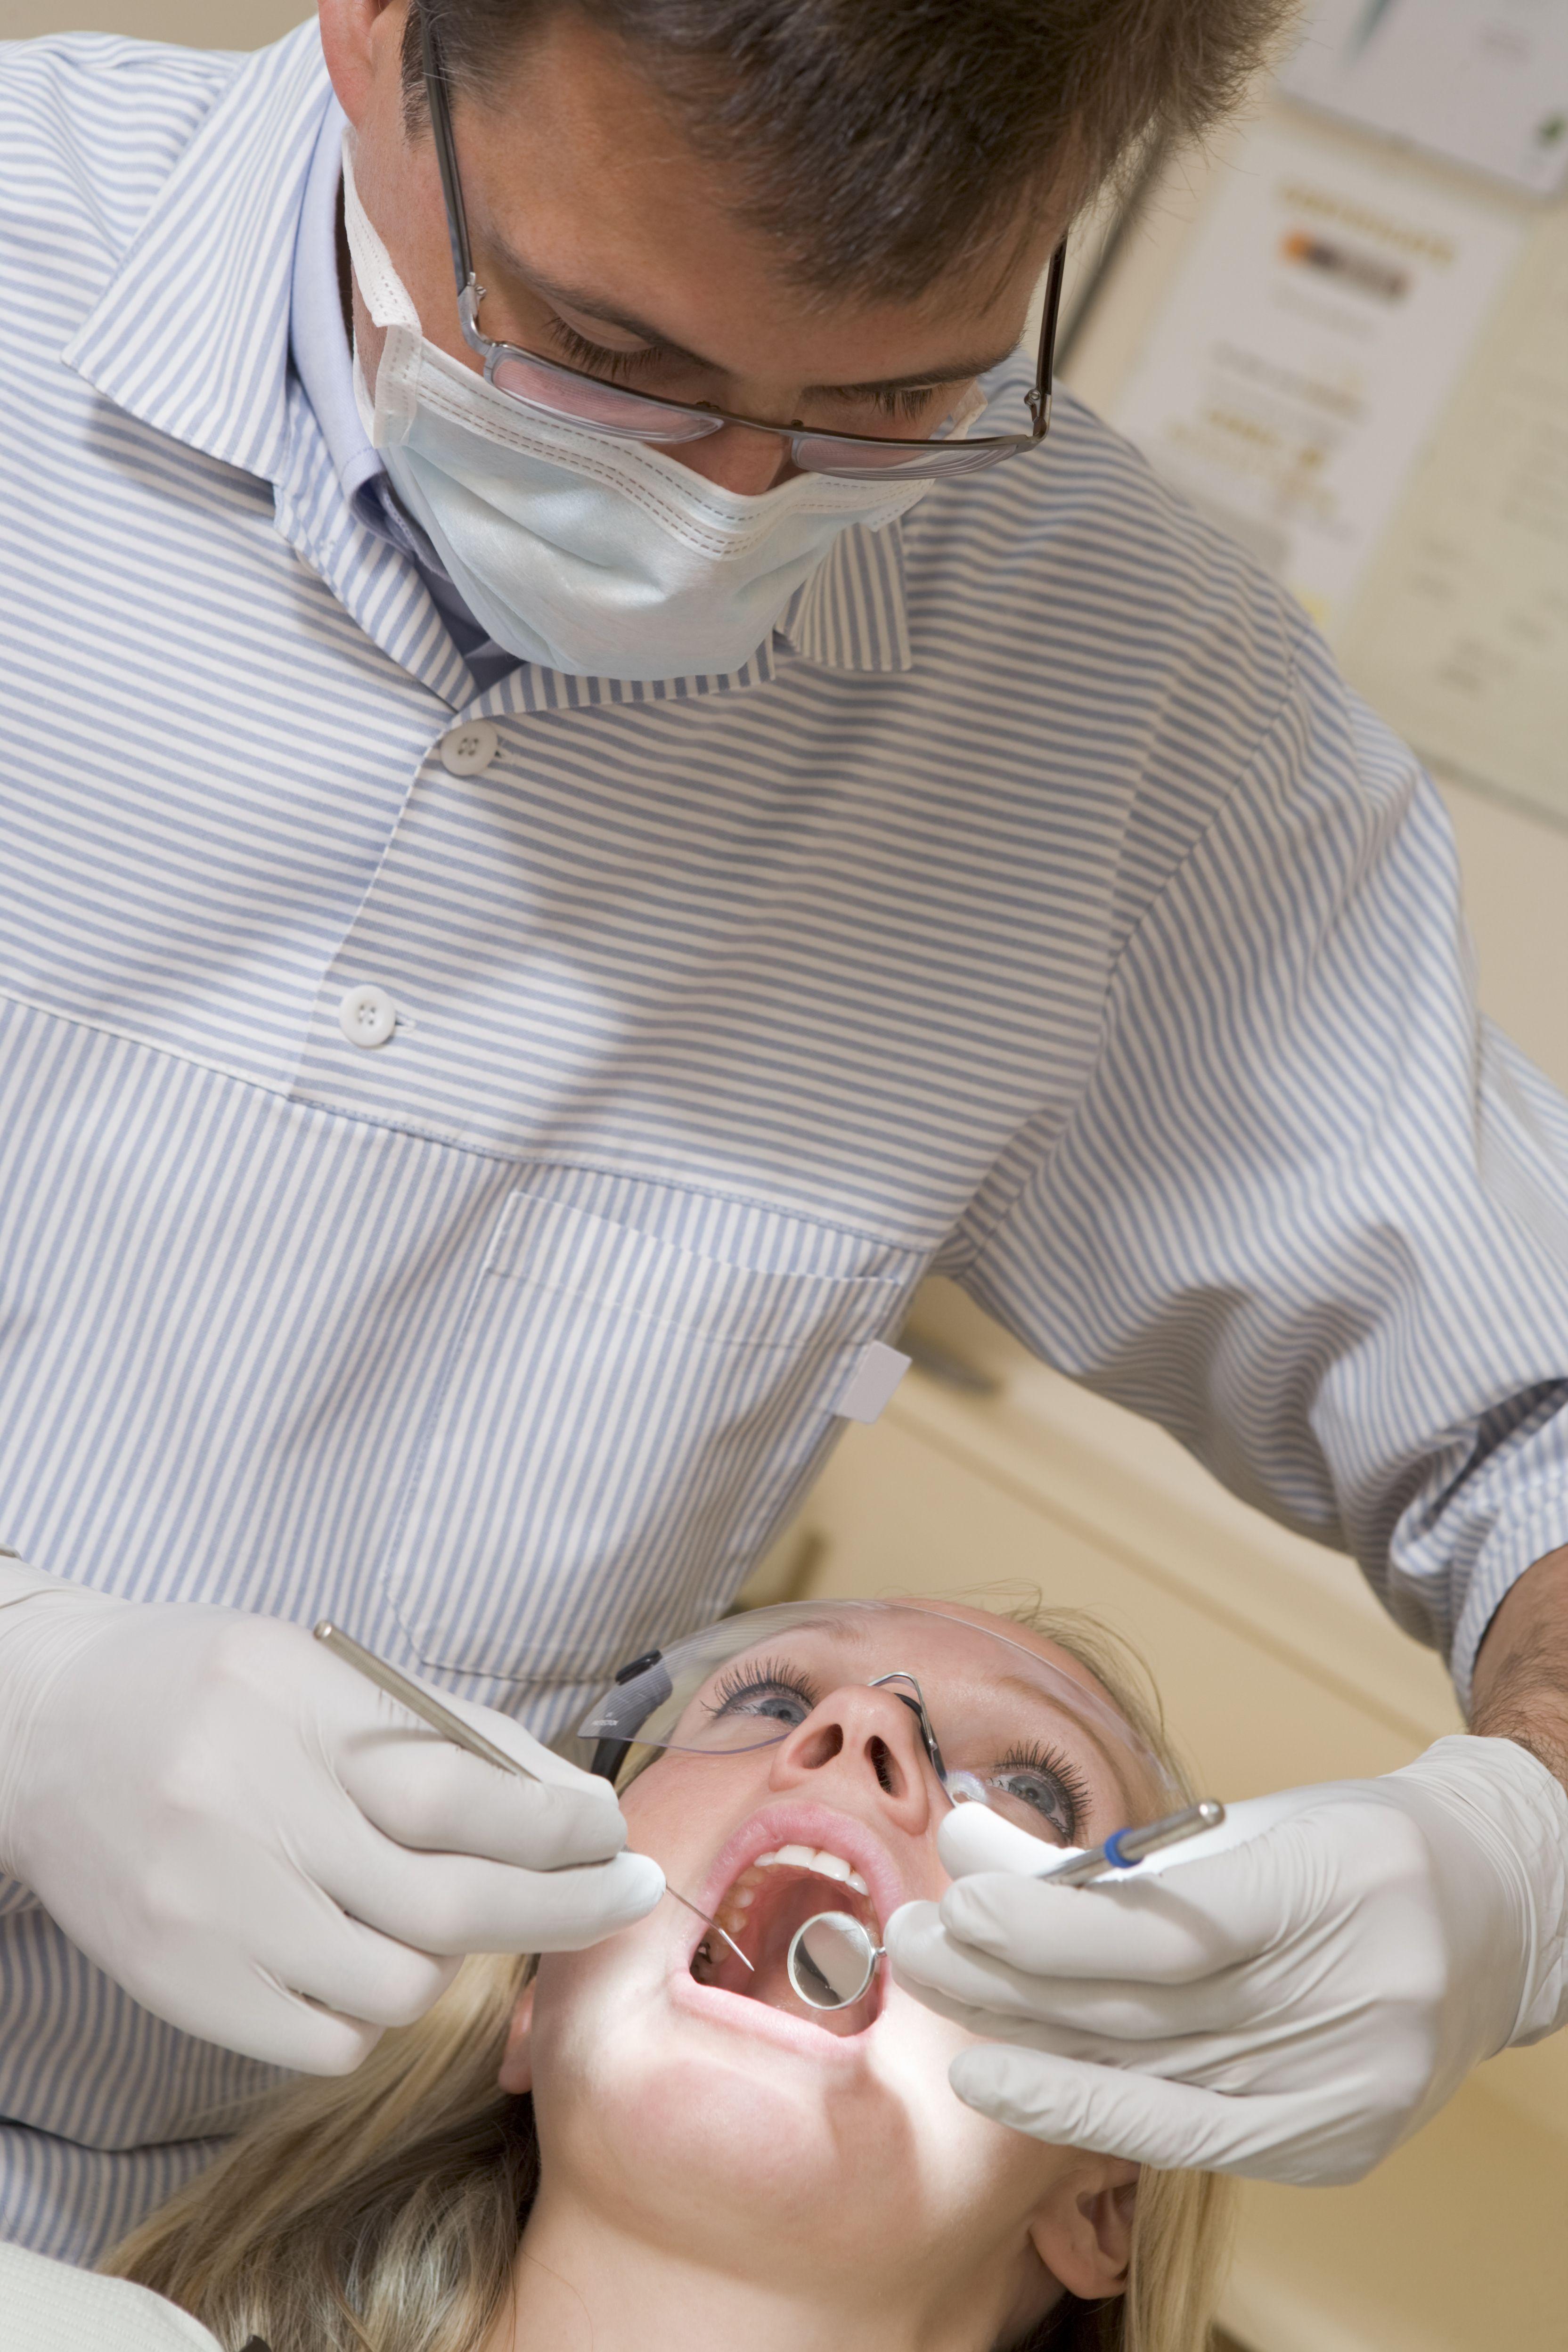 77504 Dental Office